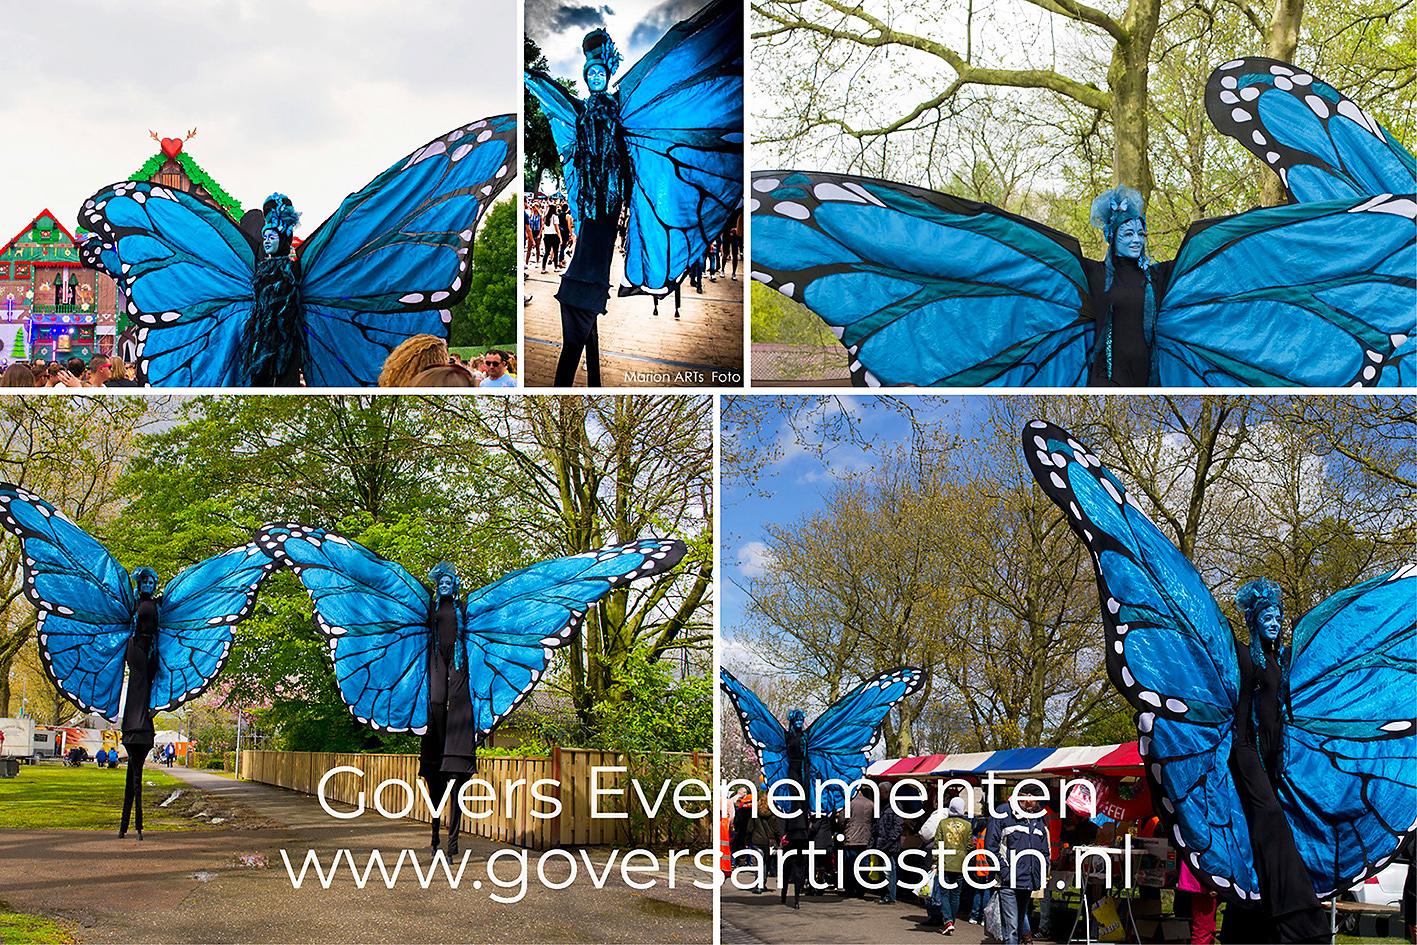 Steltenact, steltenloper, steltentheater, vlinders op stelten, steltenloop act, artiesten boeken, straattheater, straatfeest, Govers Evenementen, www.goversartiesten.nl